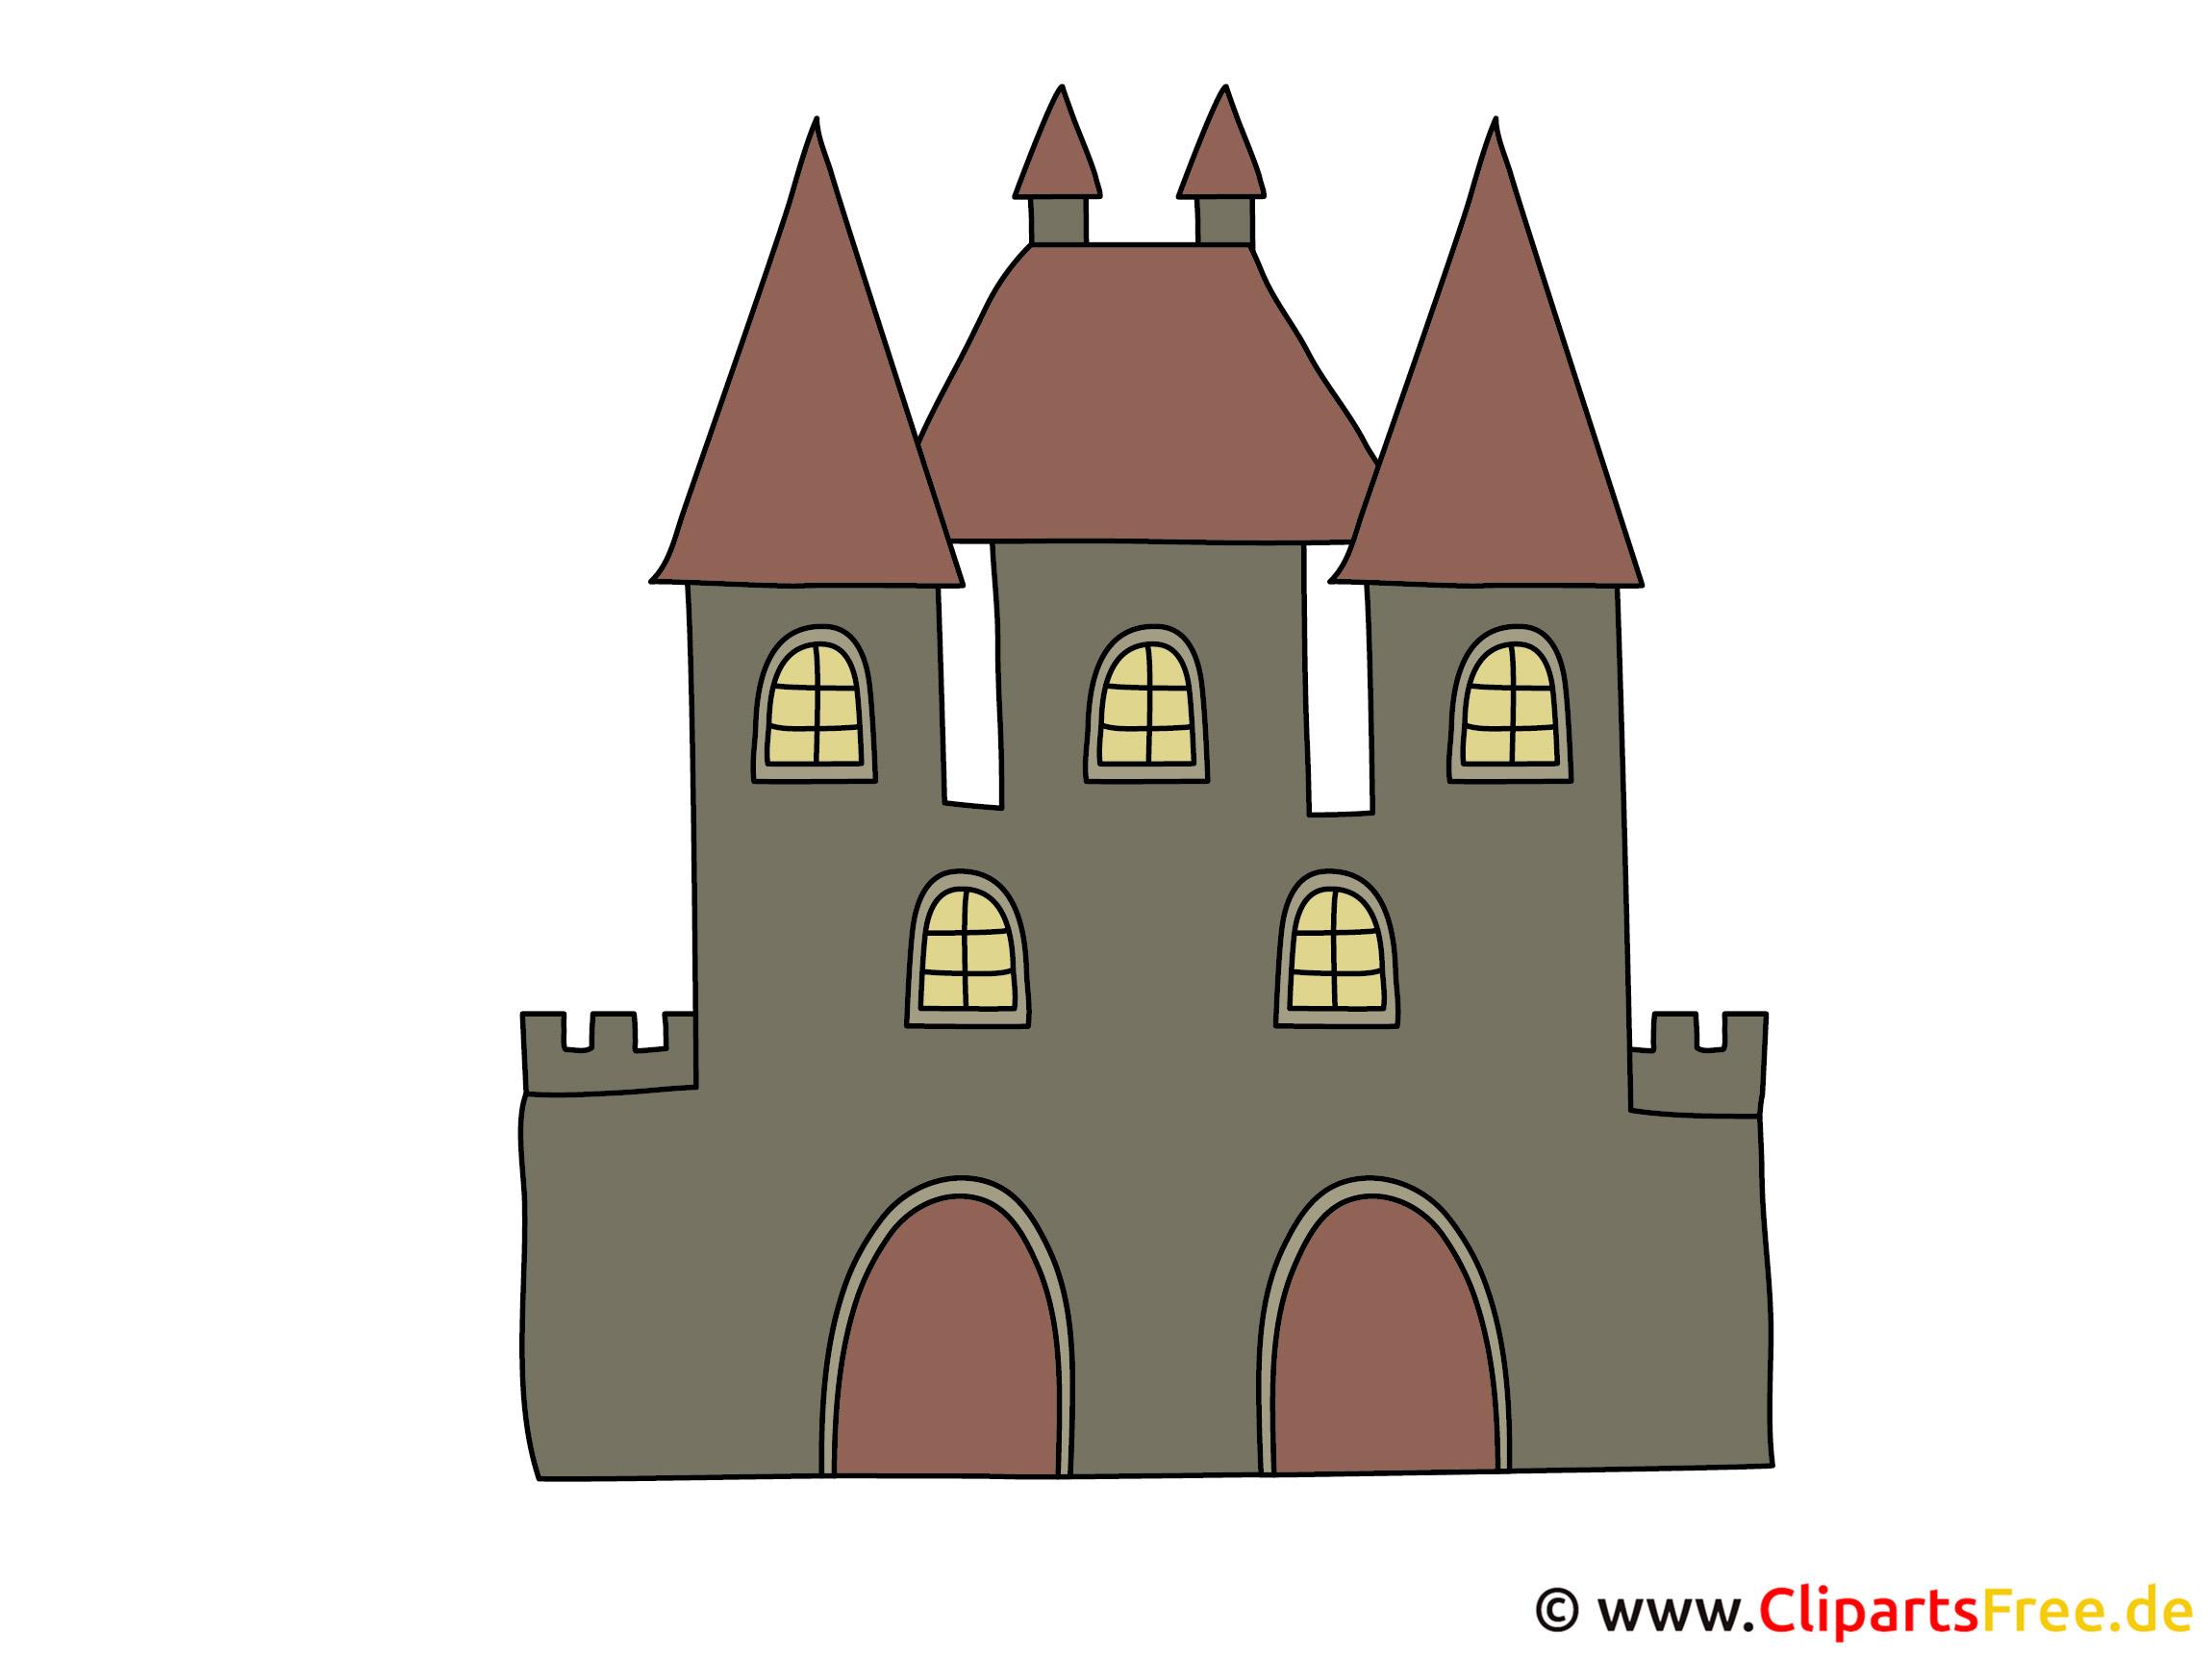 Hexeschloss Clipart